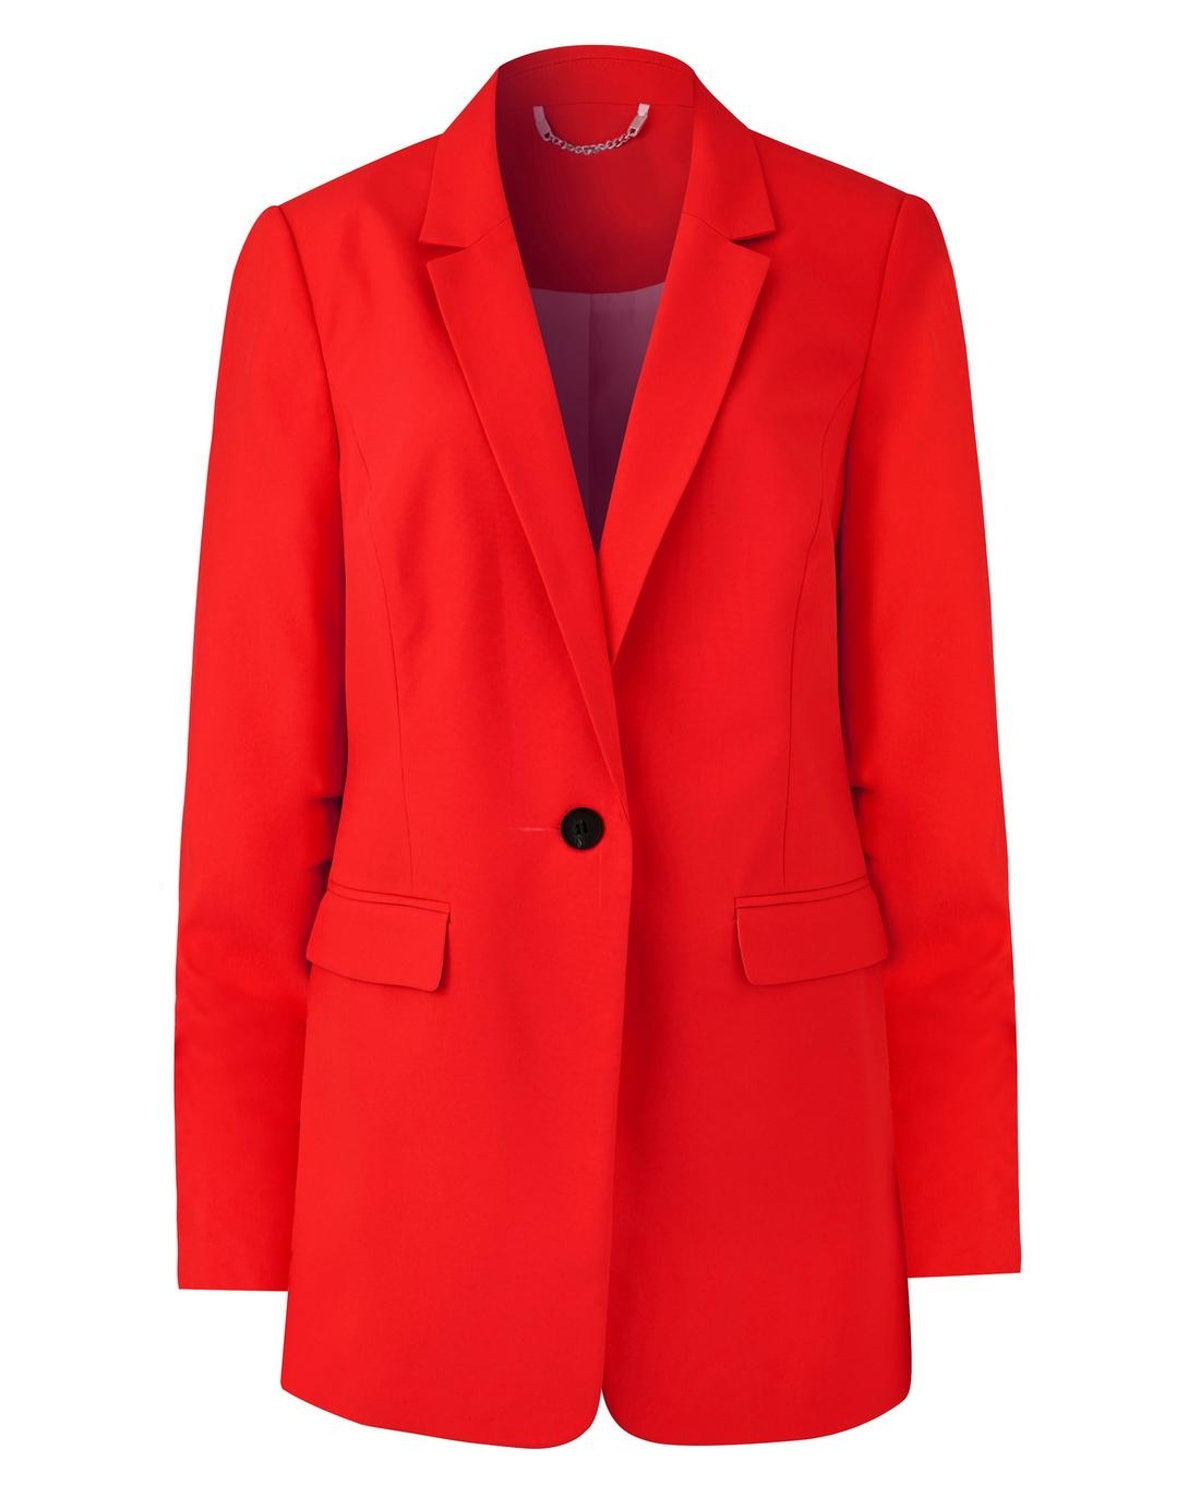 Essential Fashion Blazer